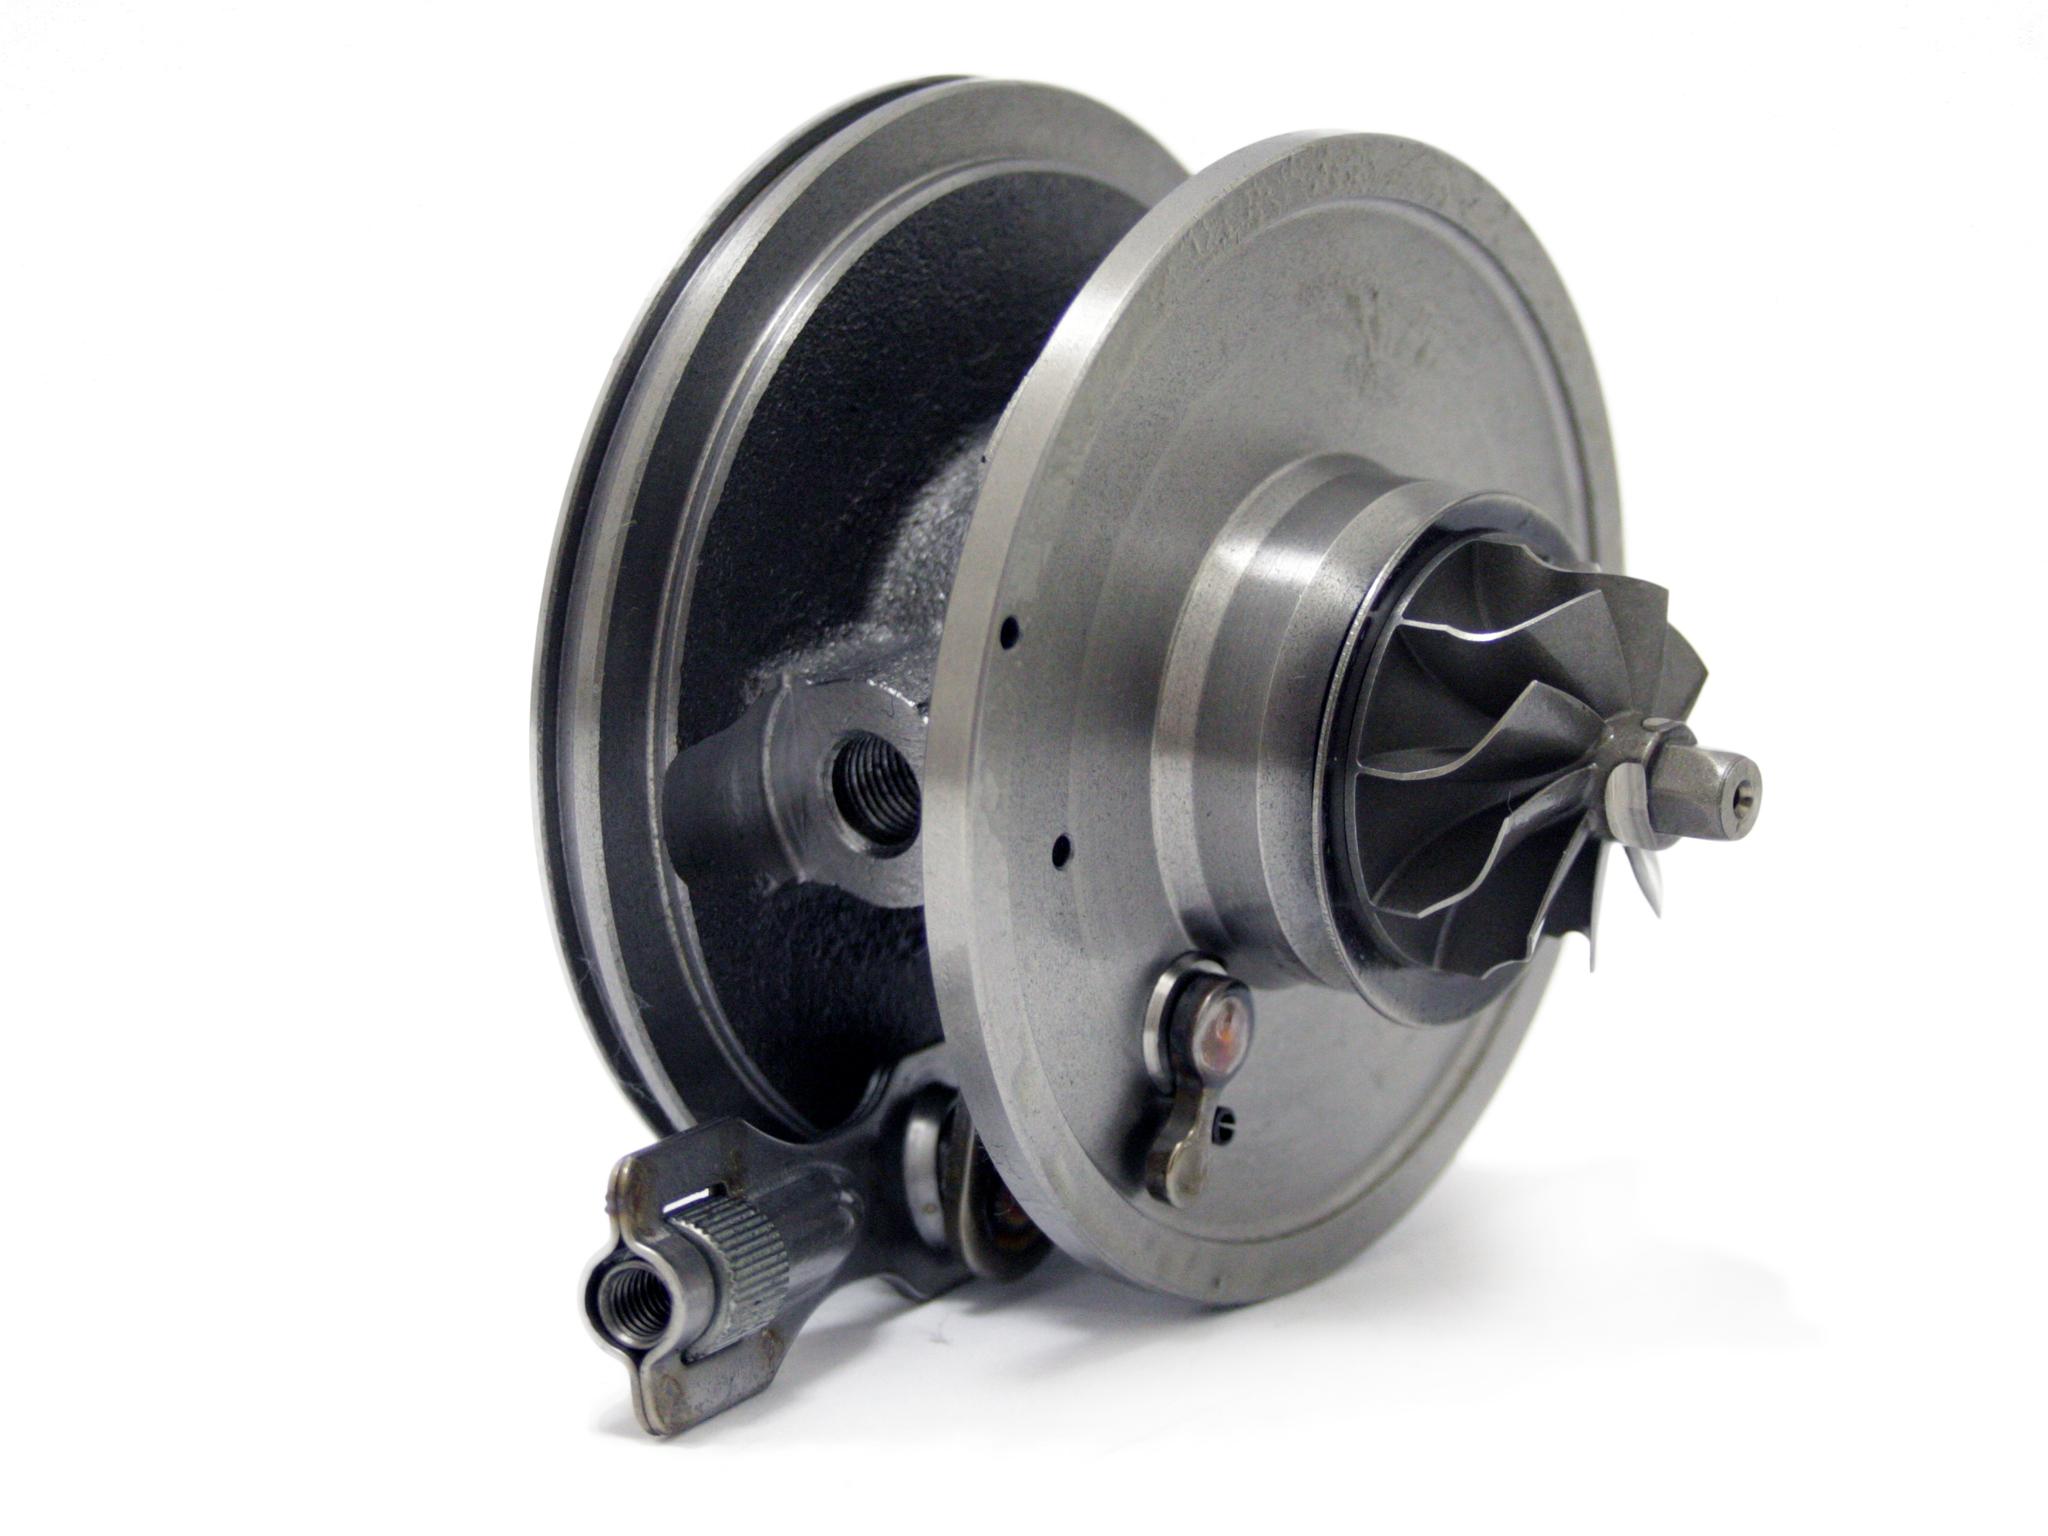 Картридж турбины BV35 Лянча 1.3 JTD 90 л.с.